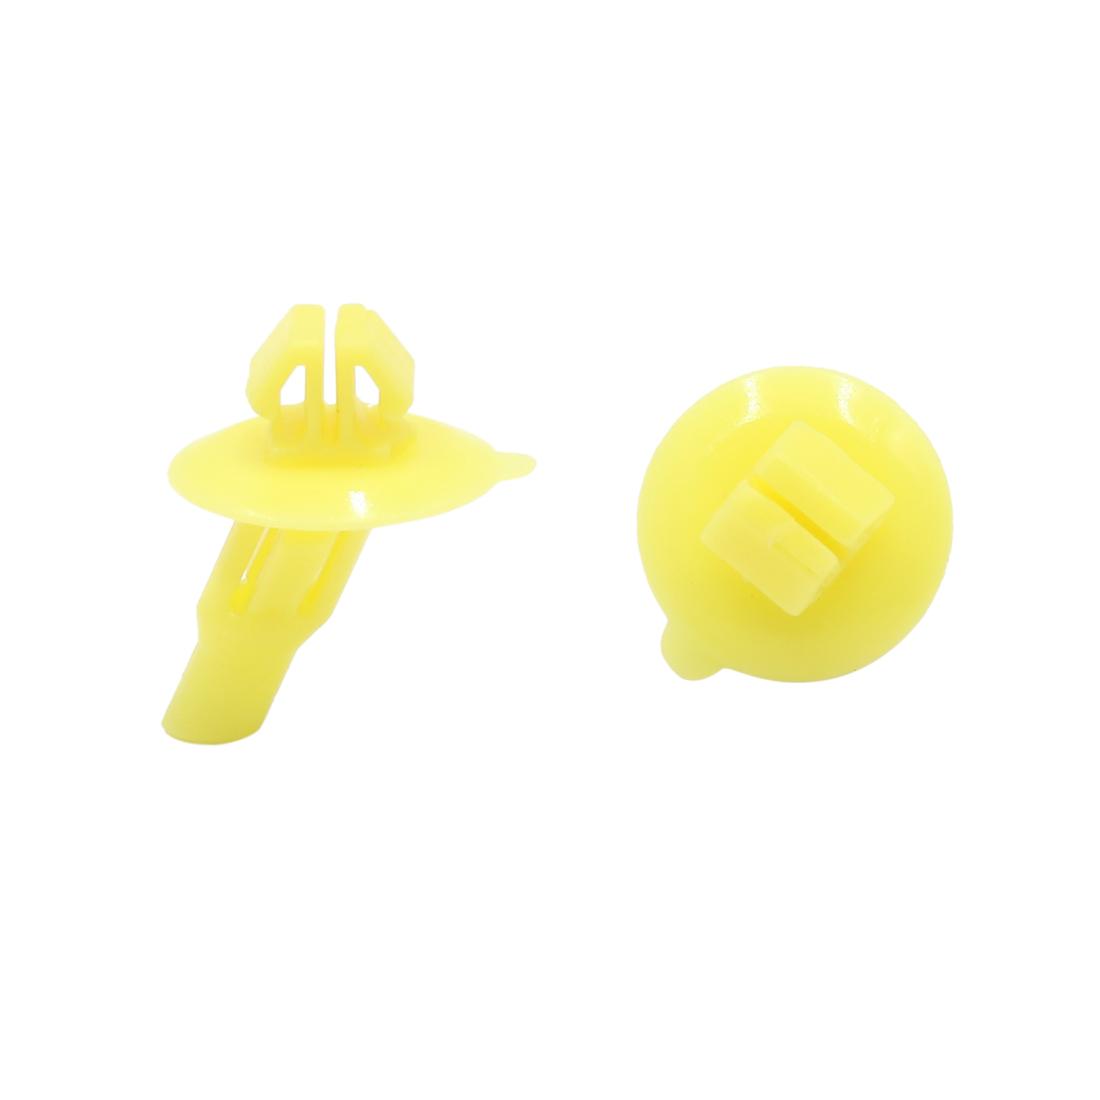 100 Pcs Yellow Universal Car Door Bumper Fender Plastic Rivets Fastener Clip